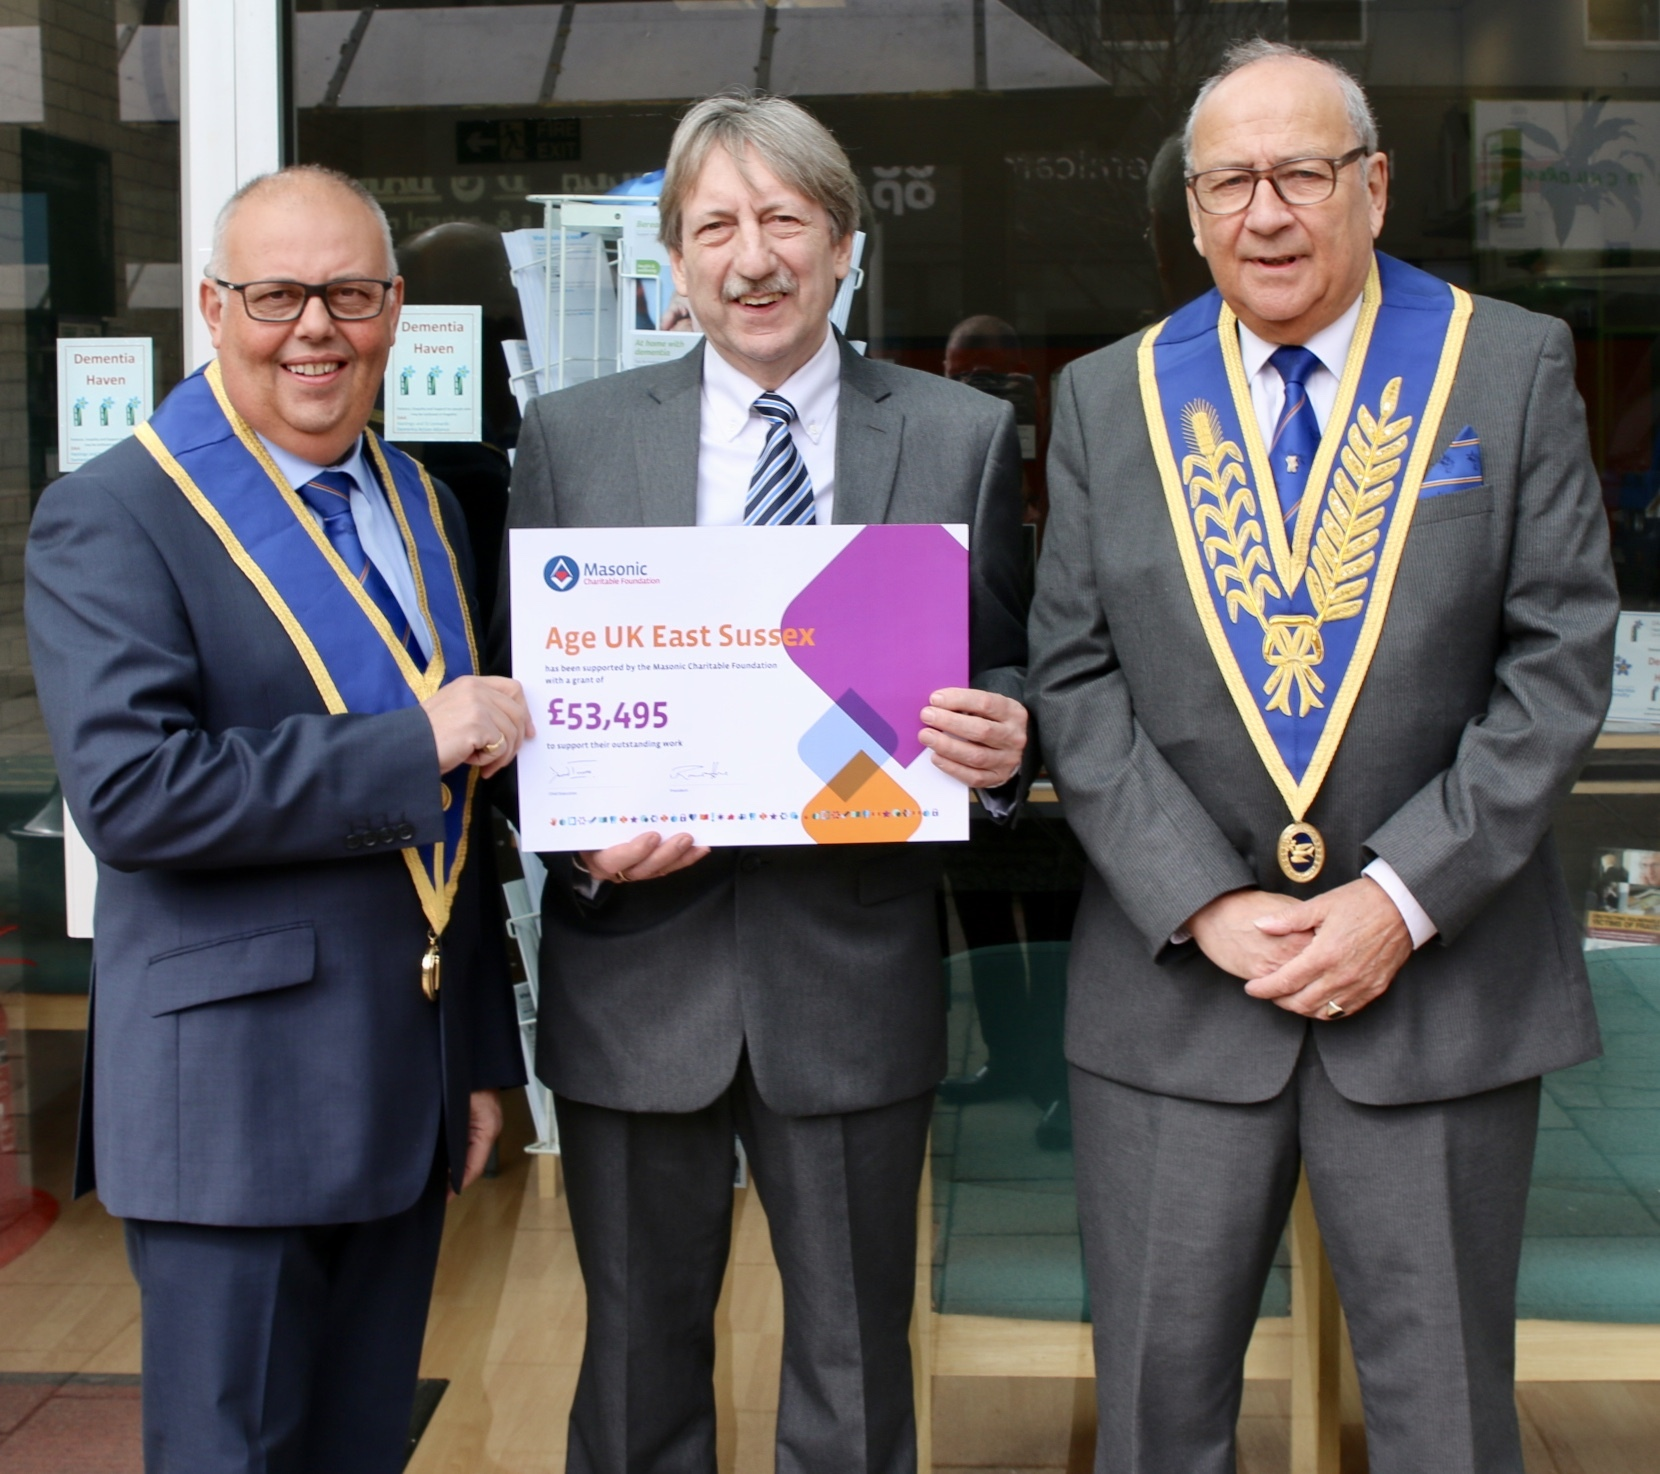 Sussex Freemasons' gift